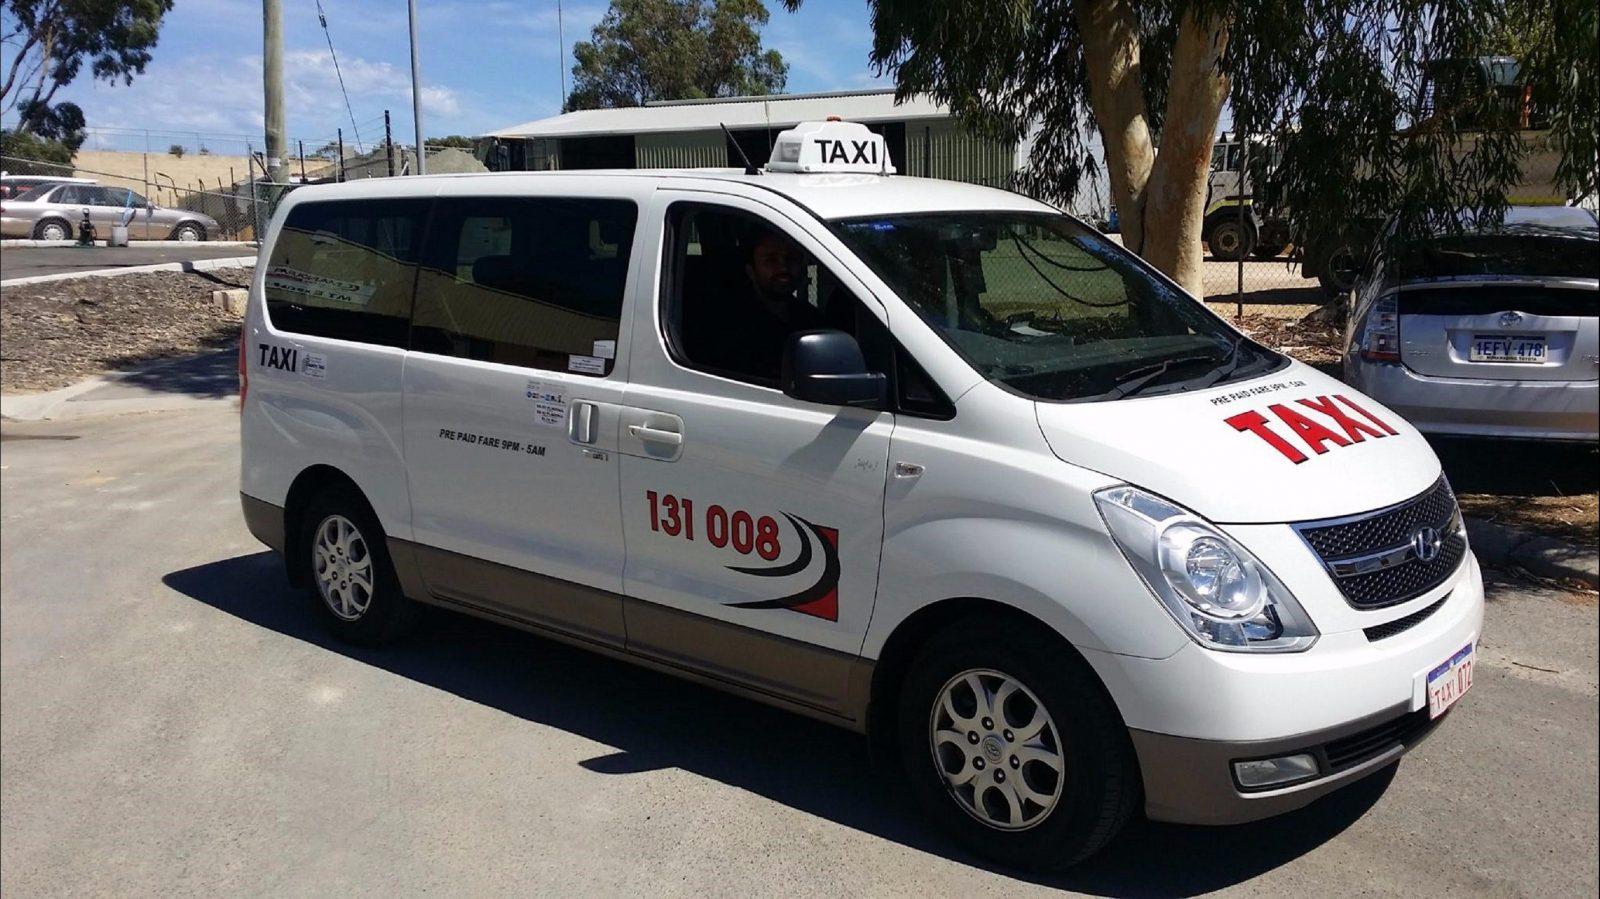 Mandurah Taxis, Mandurah, Western Australia